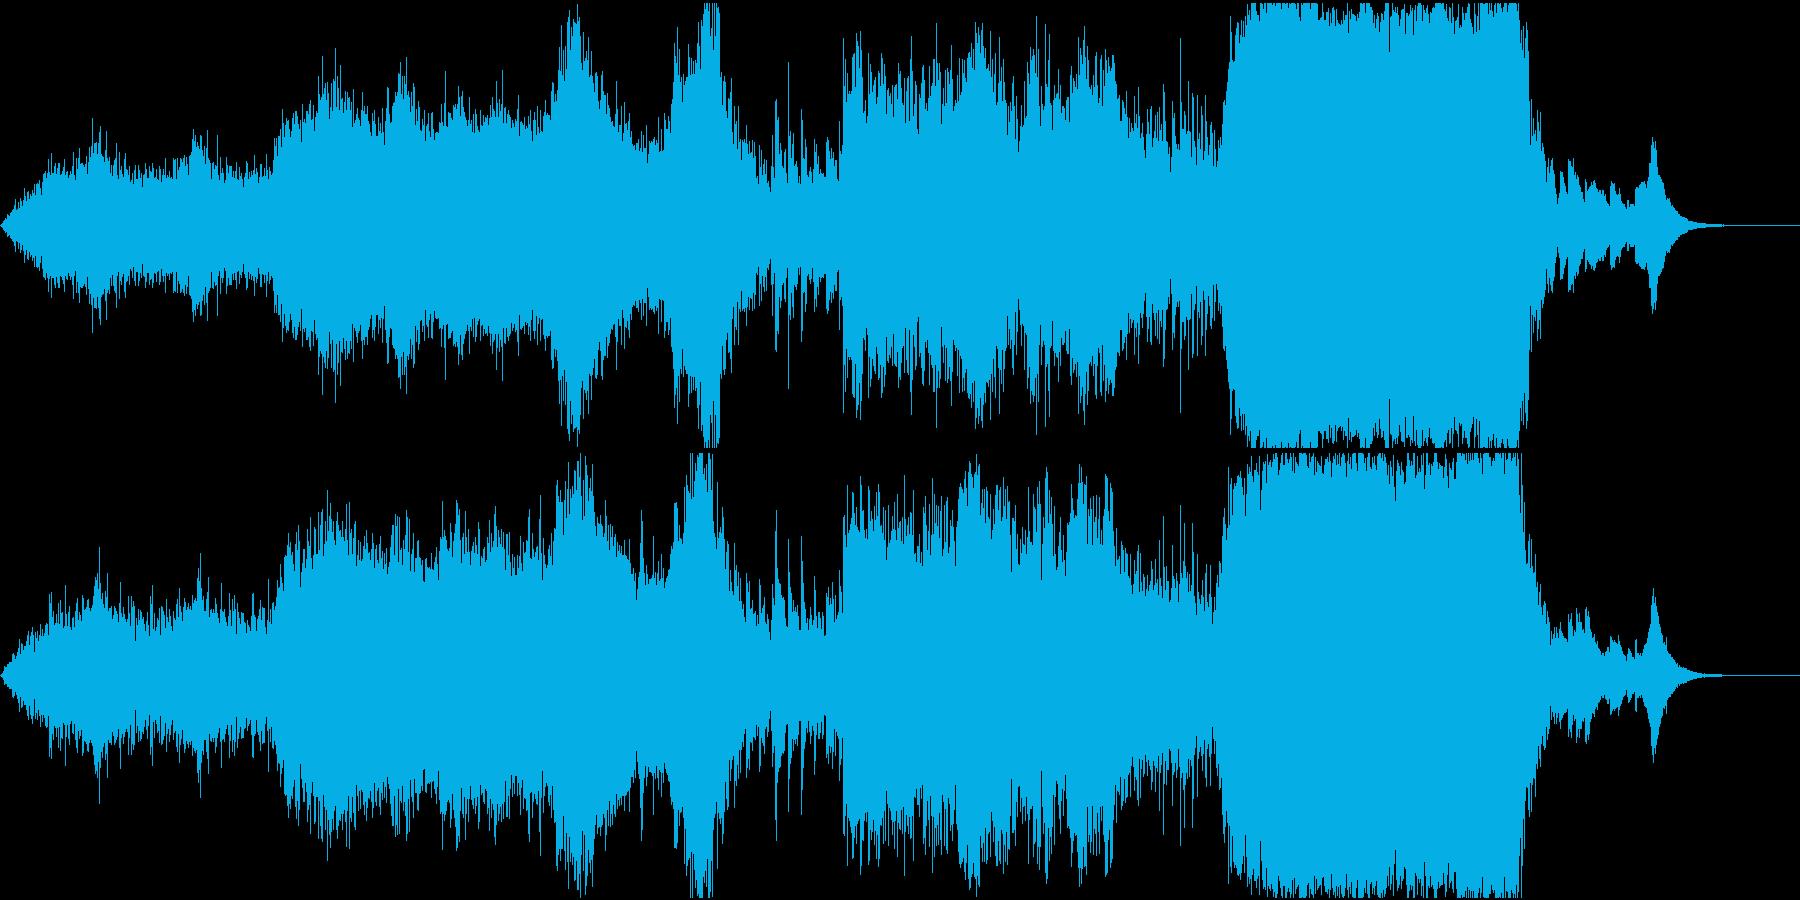 空気感のある音響的なホラーなオーケストラの再生済みの波形